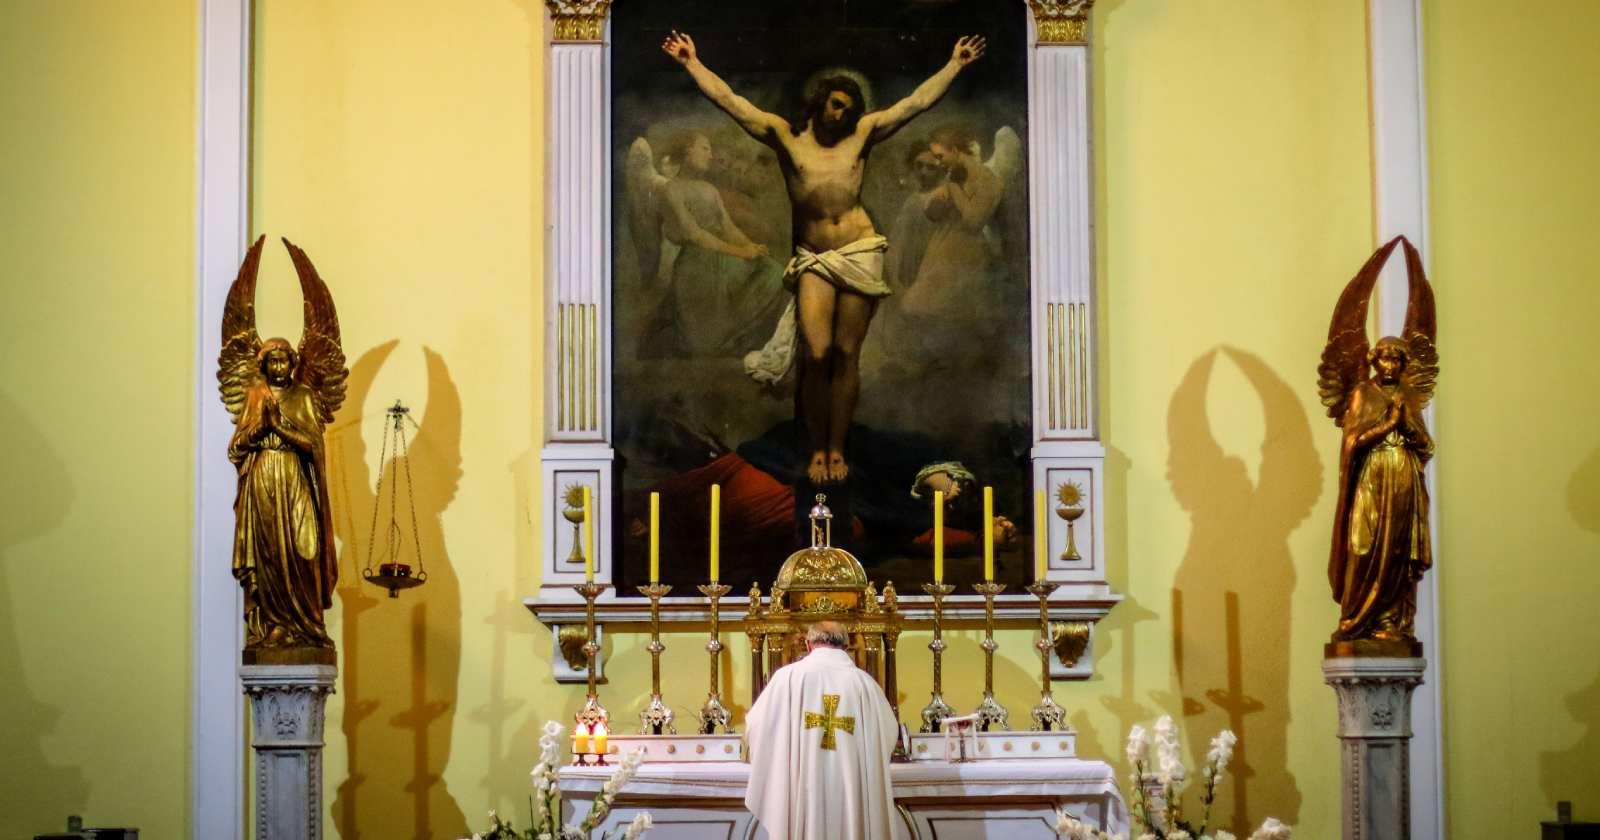 Investigación UC afirma que ni el celibato ni la homosexualidad predisponen a abusos de menores en la Iglesia